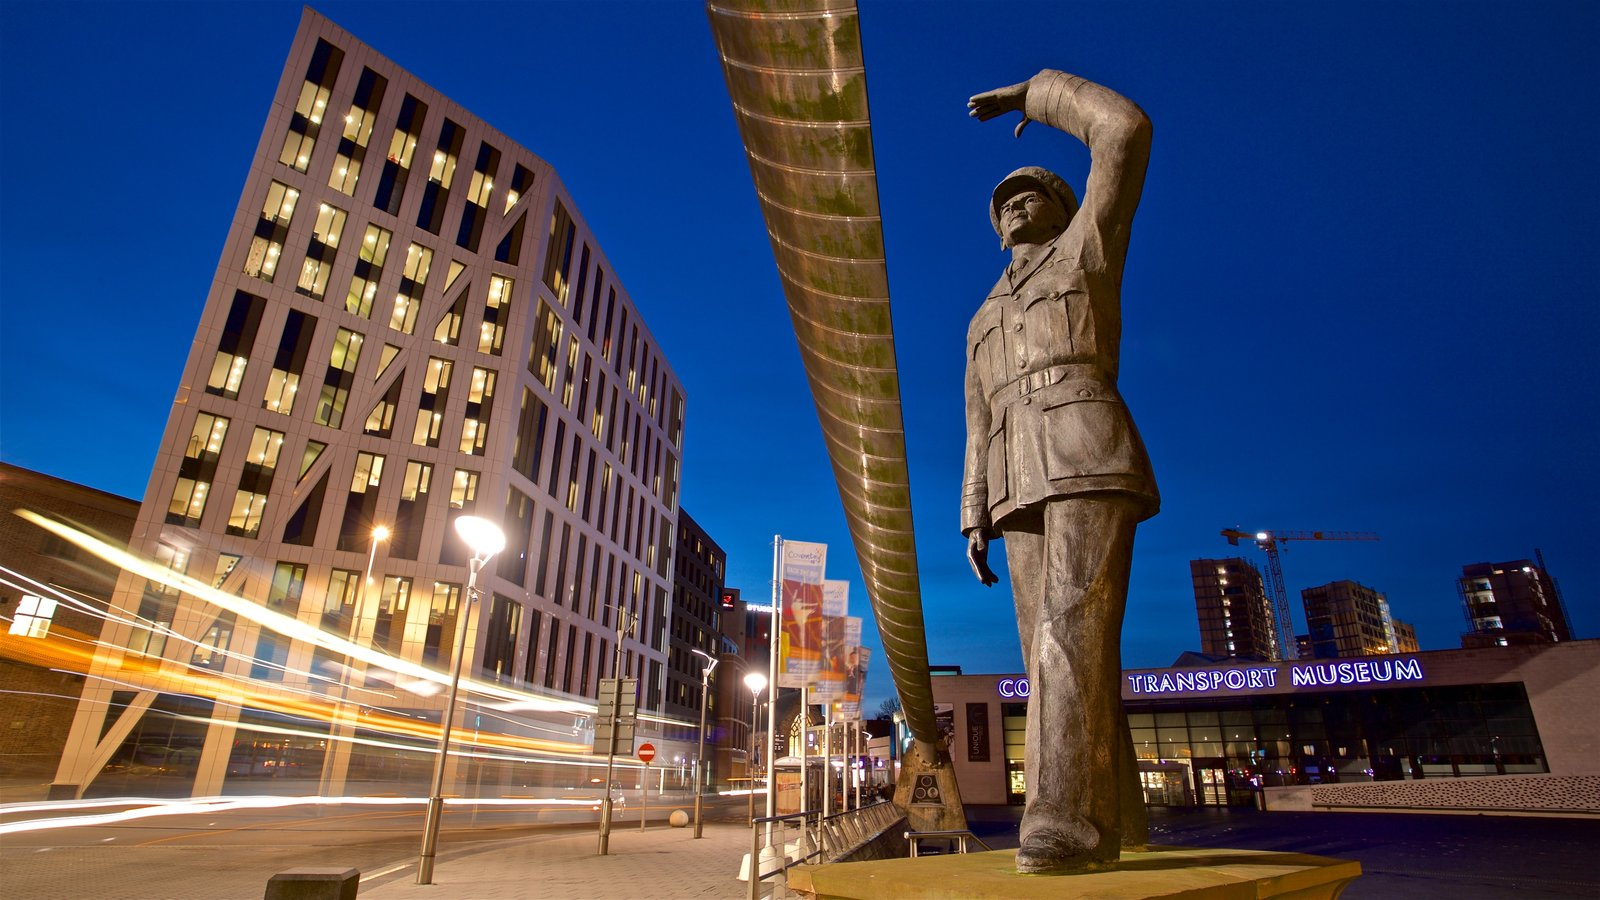 Coventry mostrando cenas noturnas, uma estátua ou escultura e uma cidade